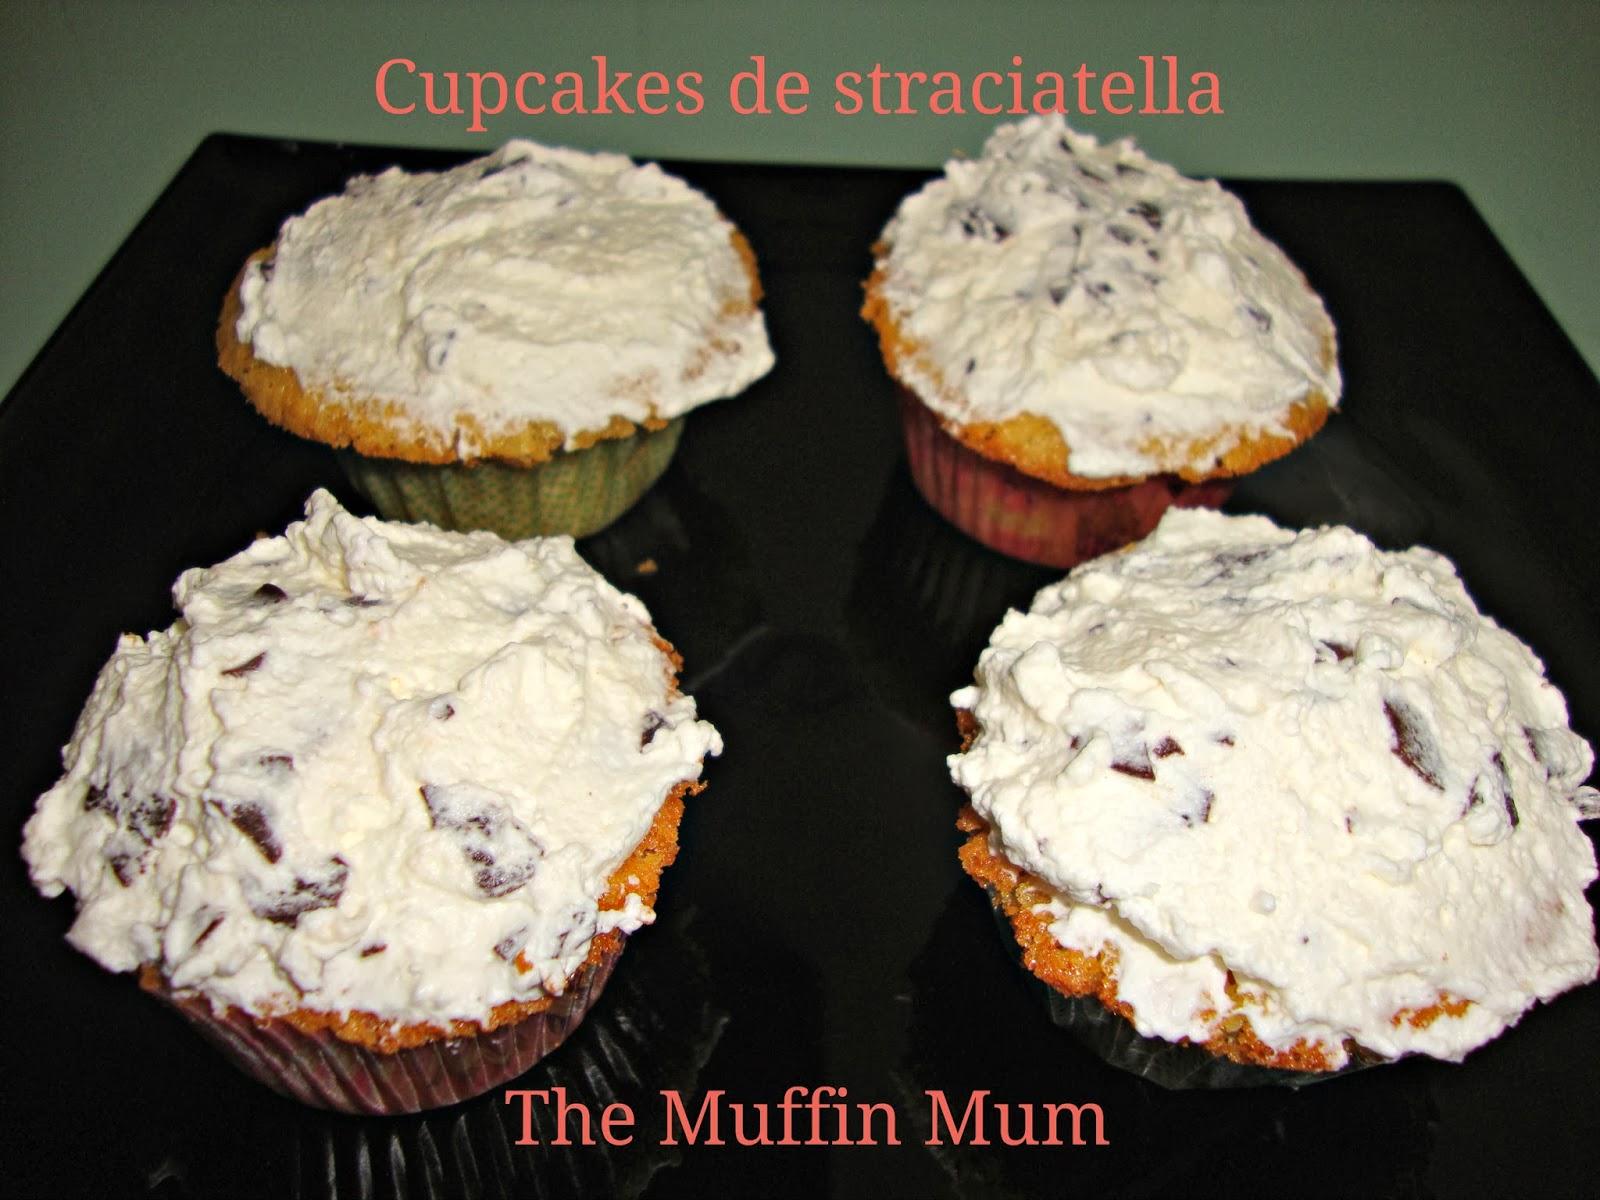 Cupcakes de straciatella